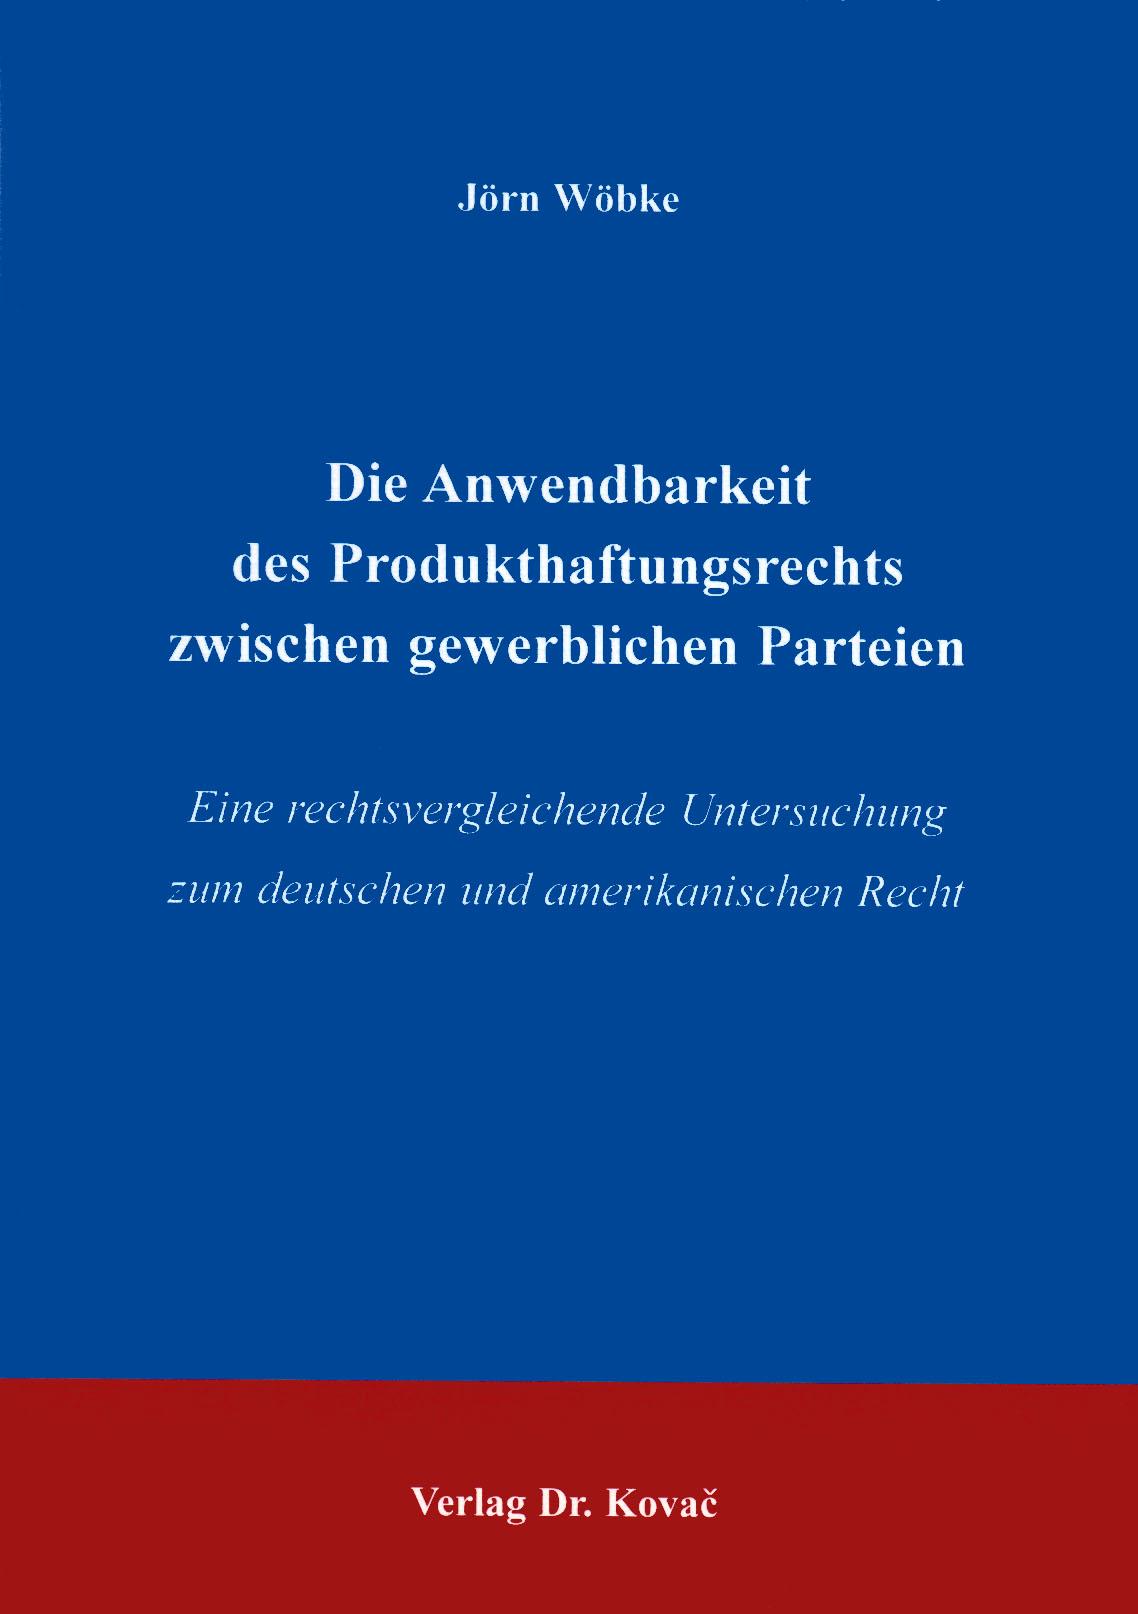 Cover: Die Anwendbarkeit des Produkthaftungsrechts zwischen gewerblichen Parteien